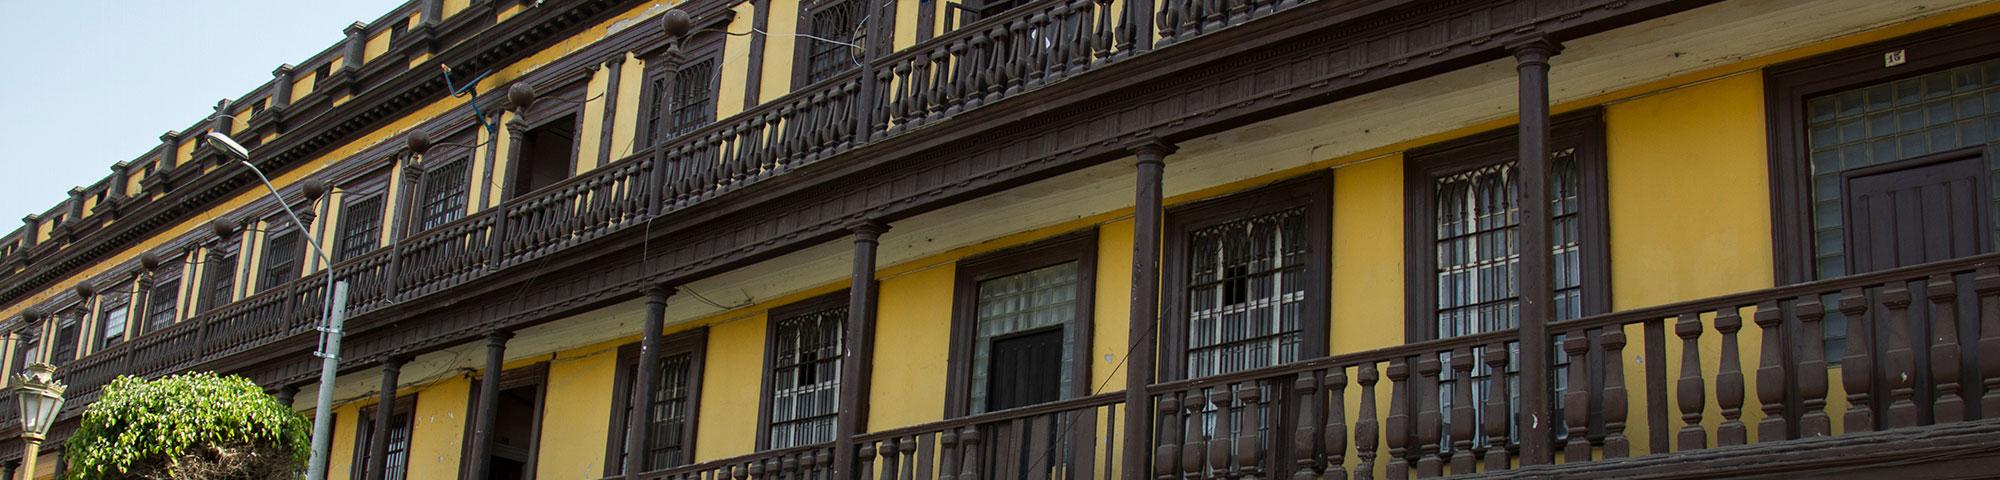 Plaza Torre La Merced - Callao